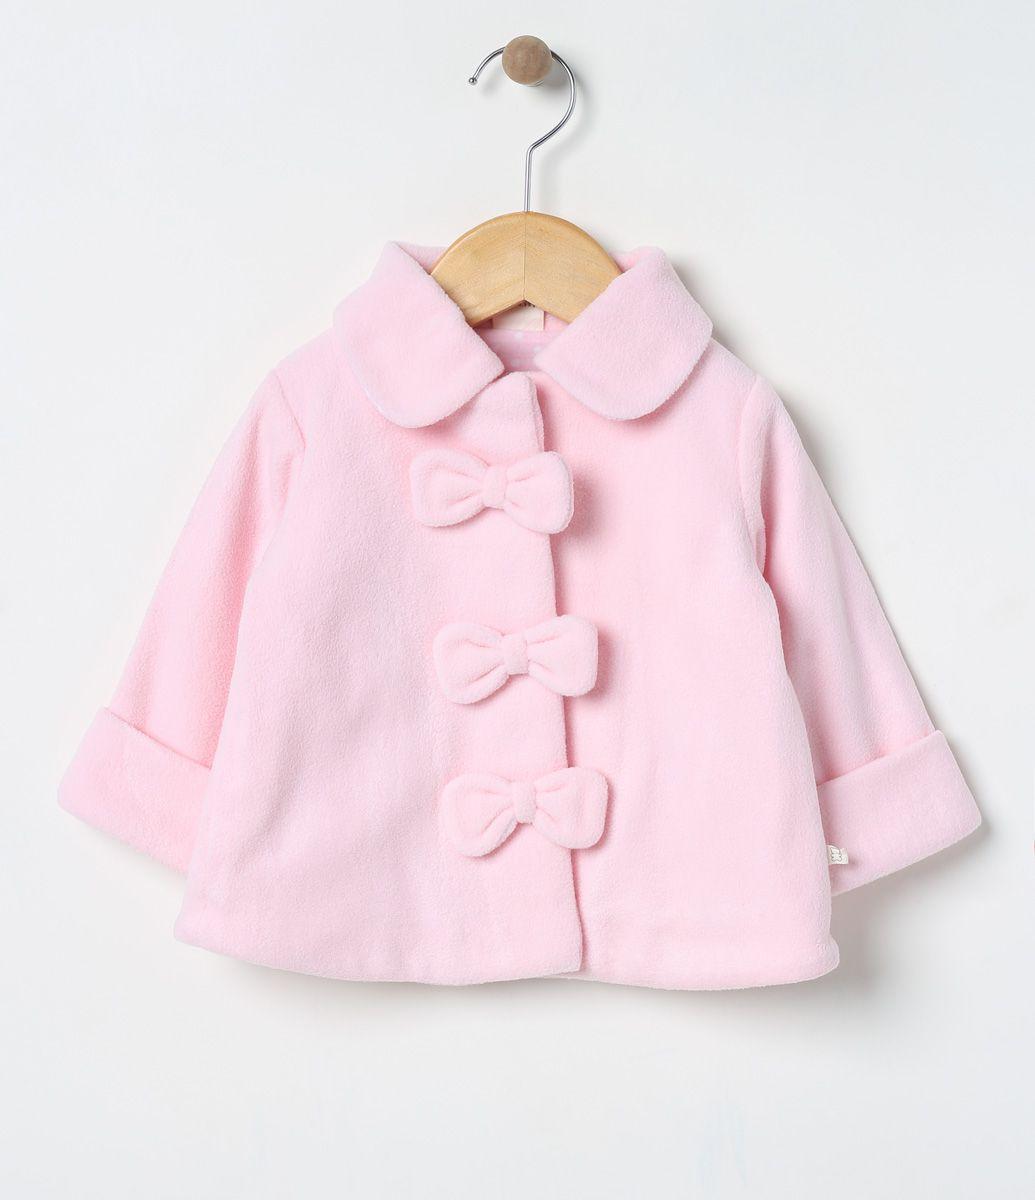 4f6ffa5251 Casaco infantil Com abotoamento frontal Com laços aplicados Marca: Teddy  Boom Tecido: fleece Composição